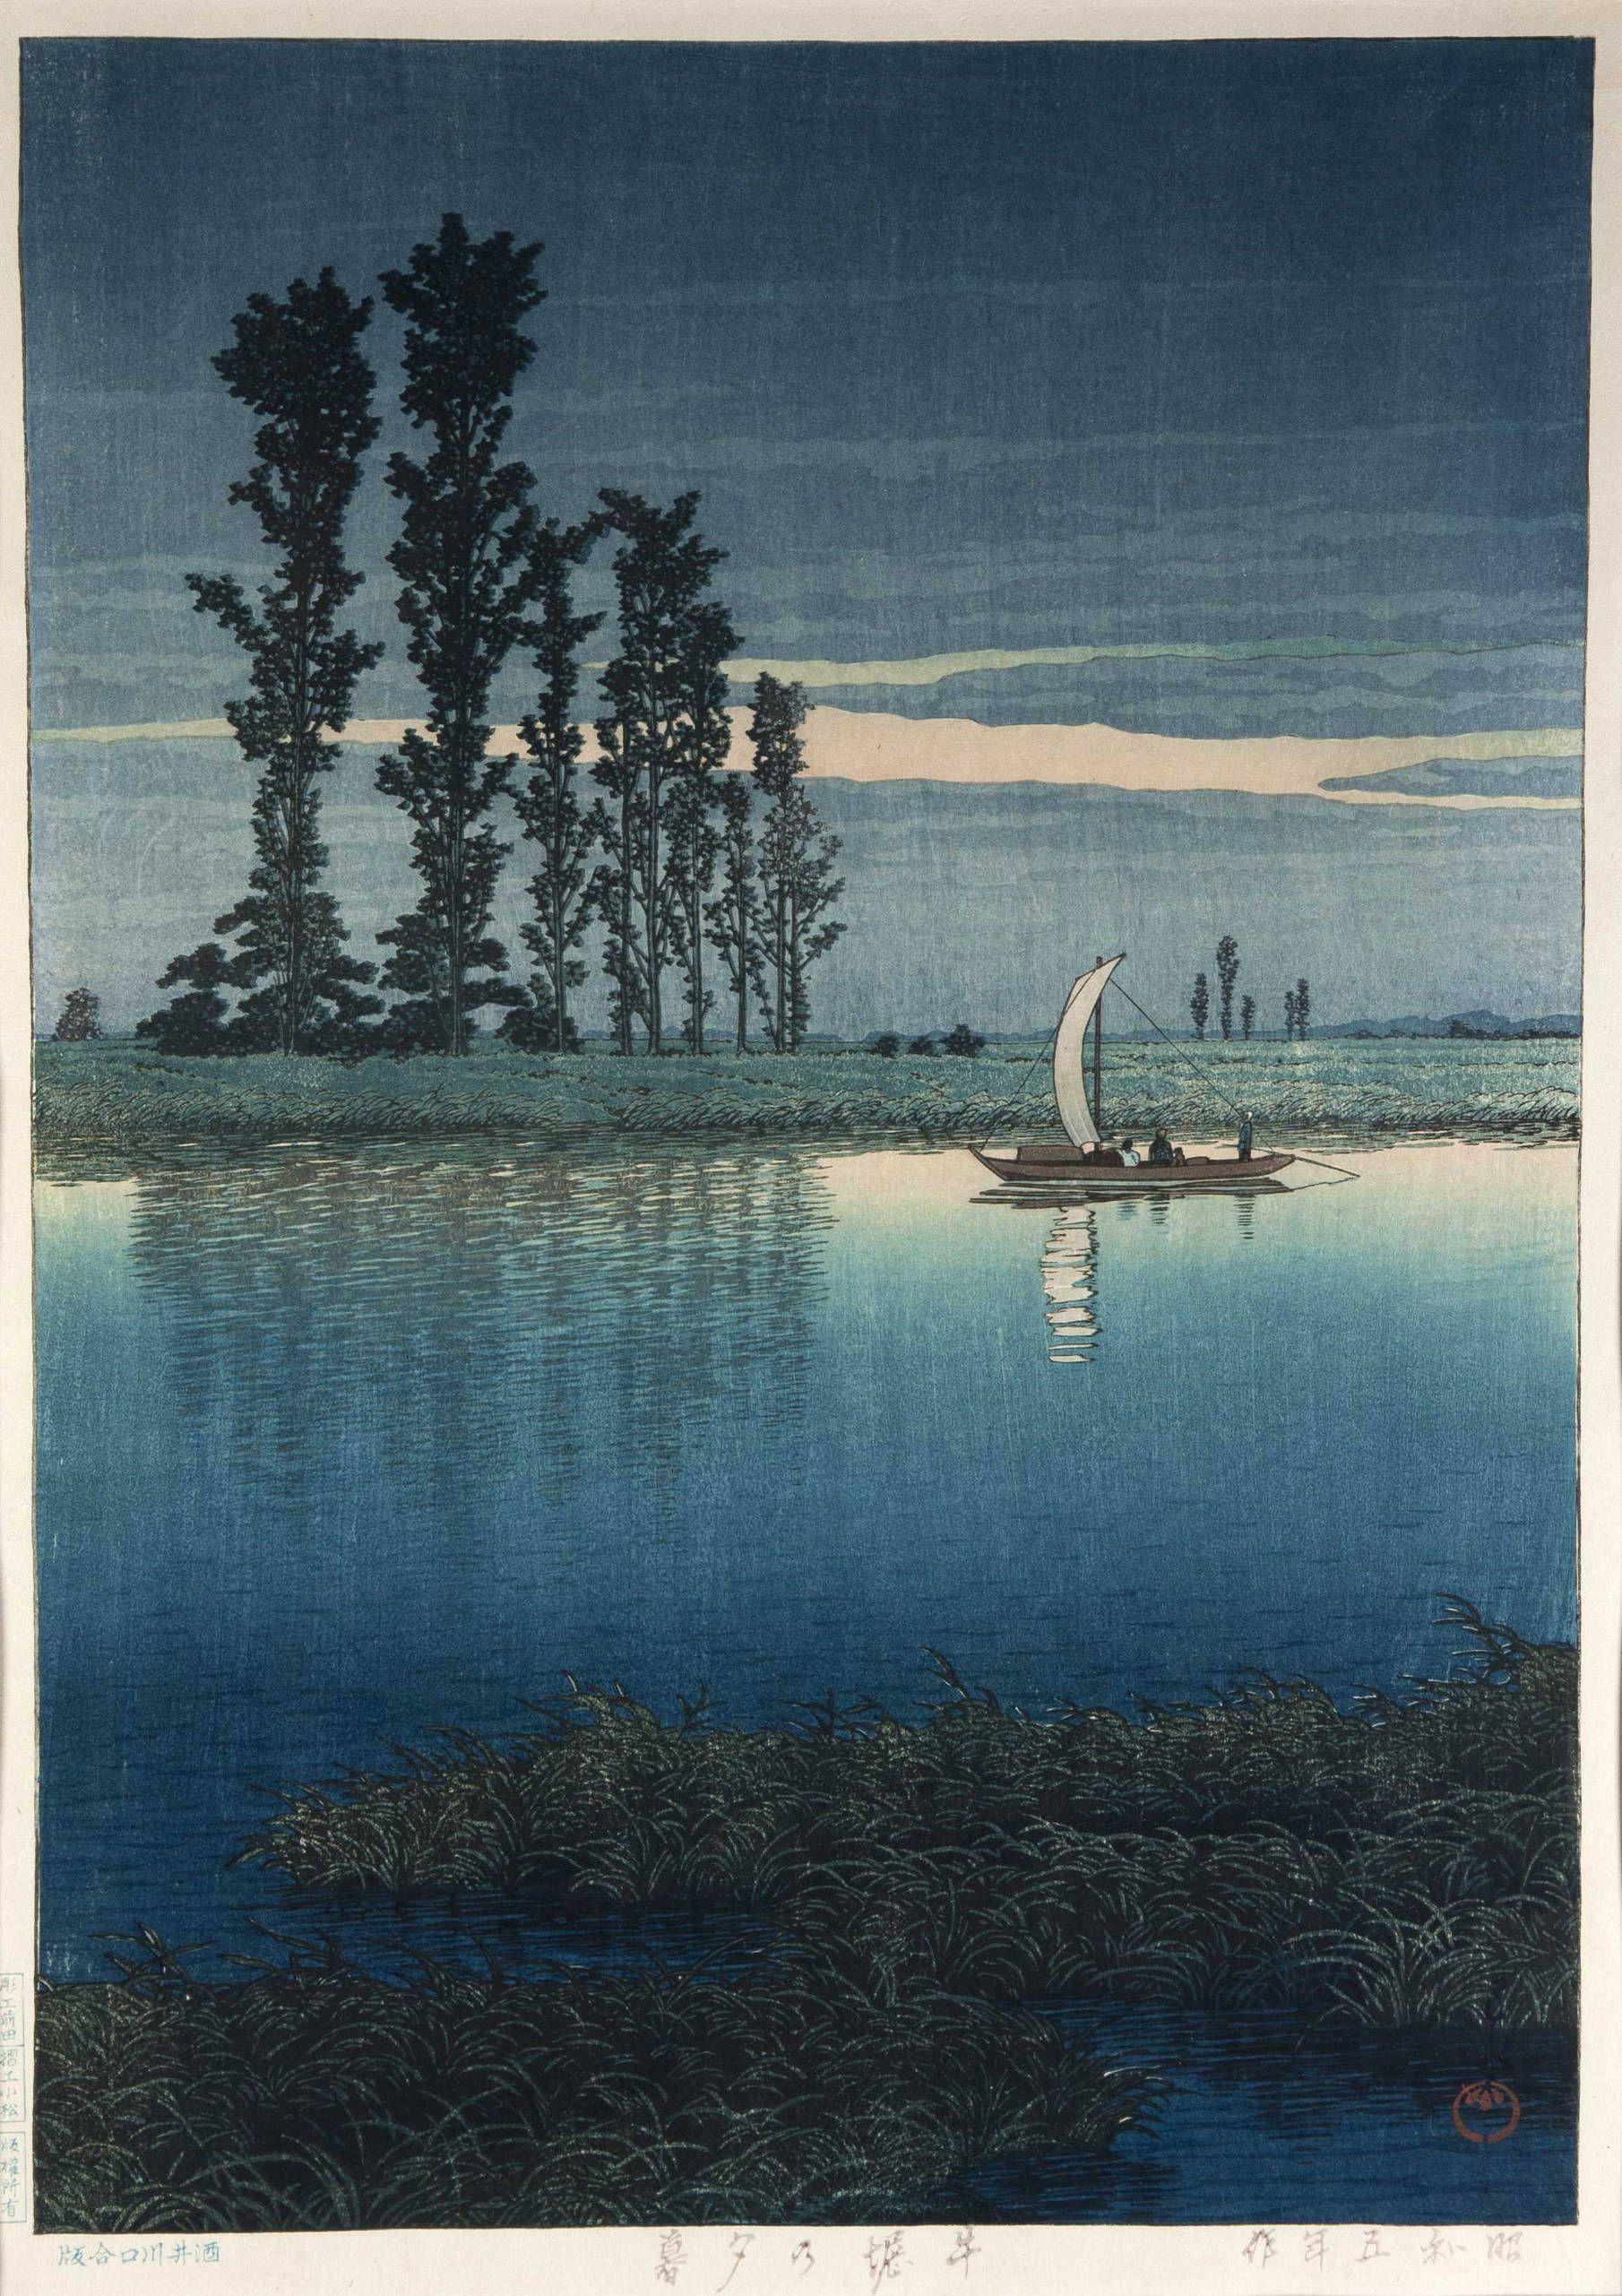 Woodblock prints by Hasui Kawase